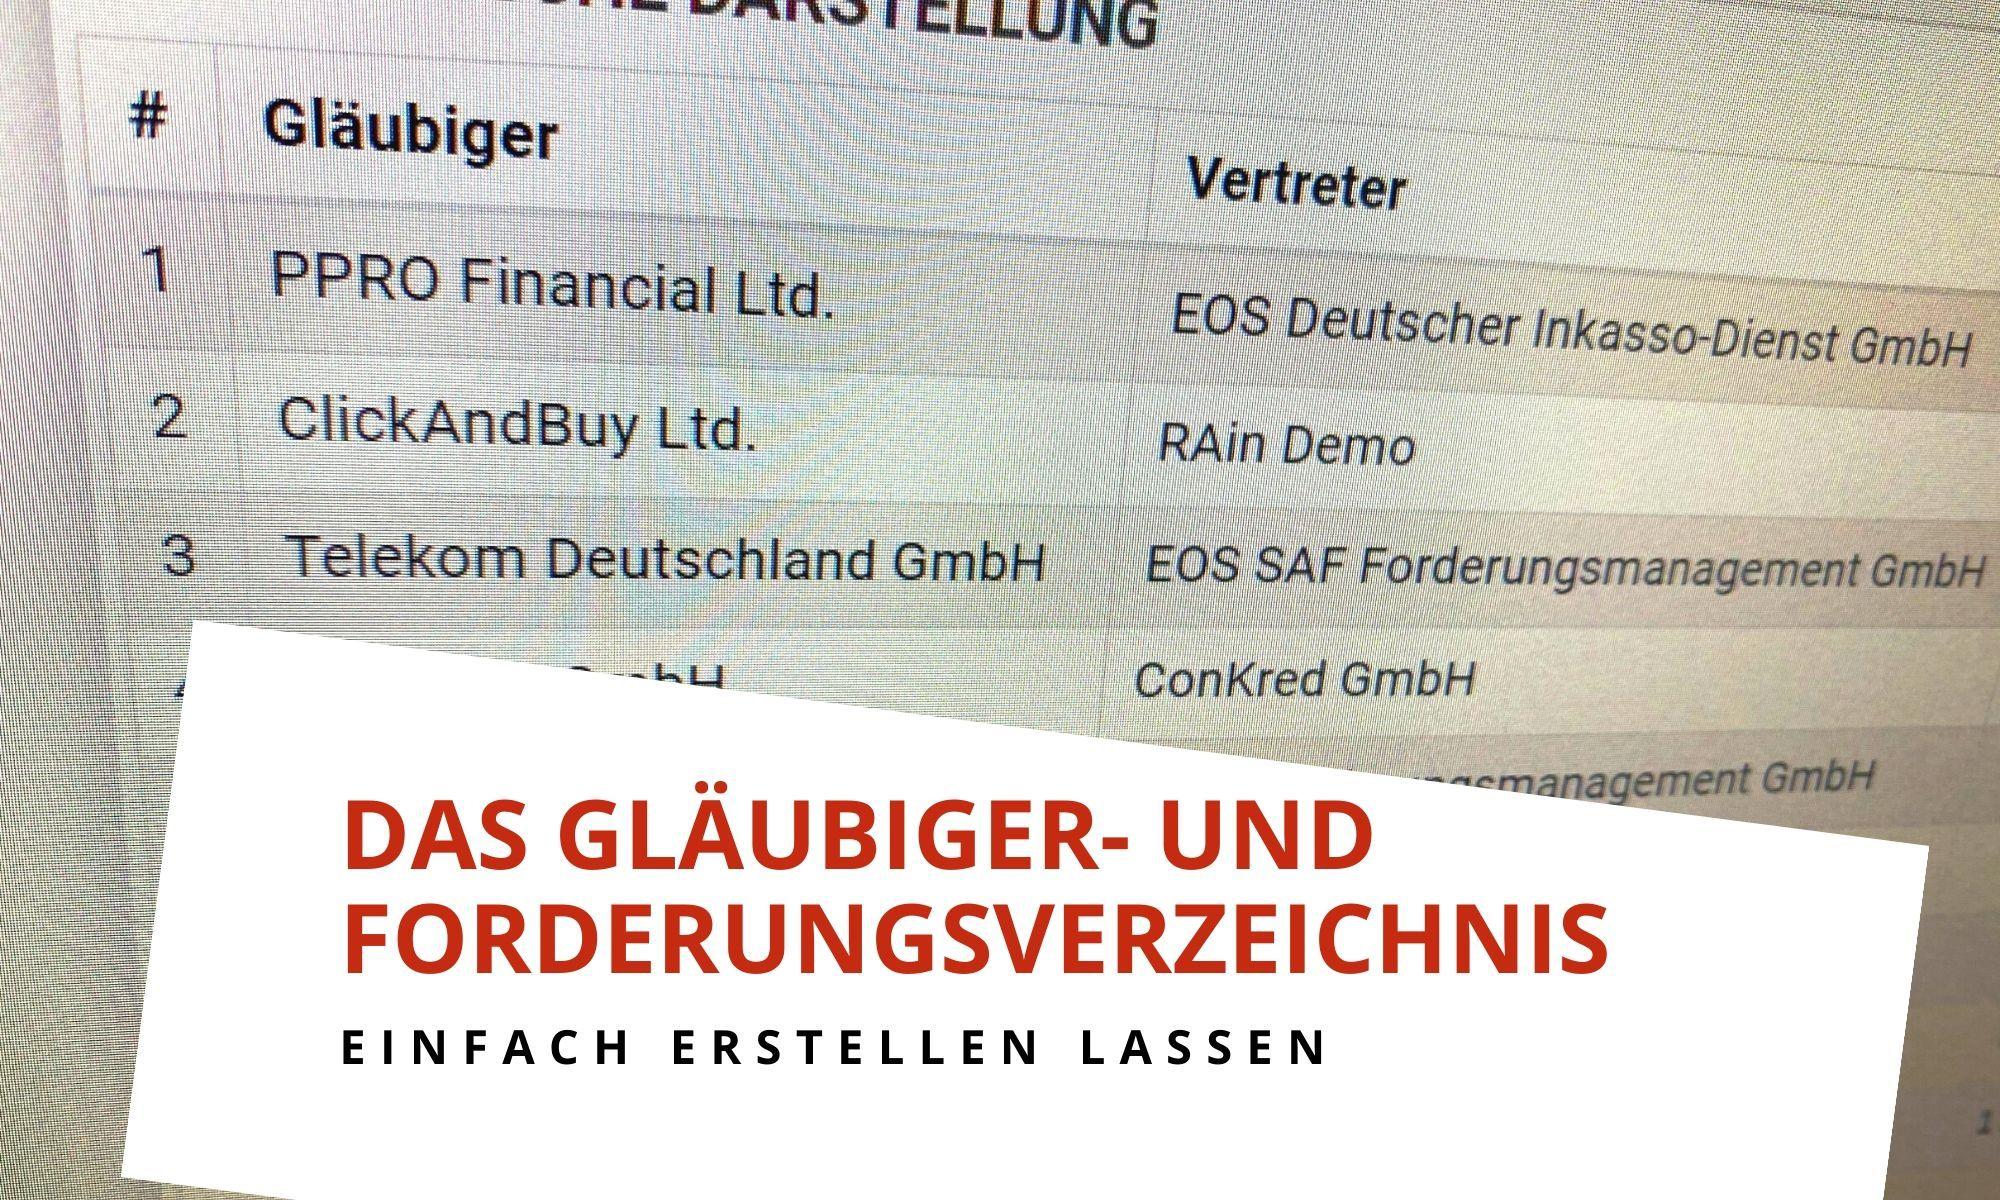 Das Gläubiger- und Forderungsverzeichnis